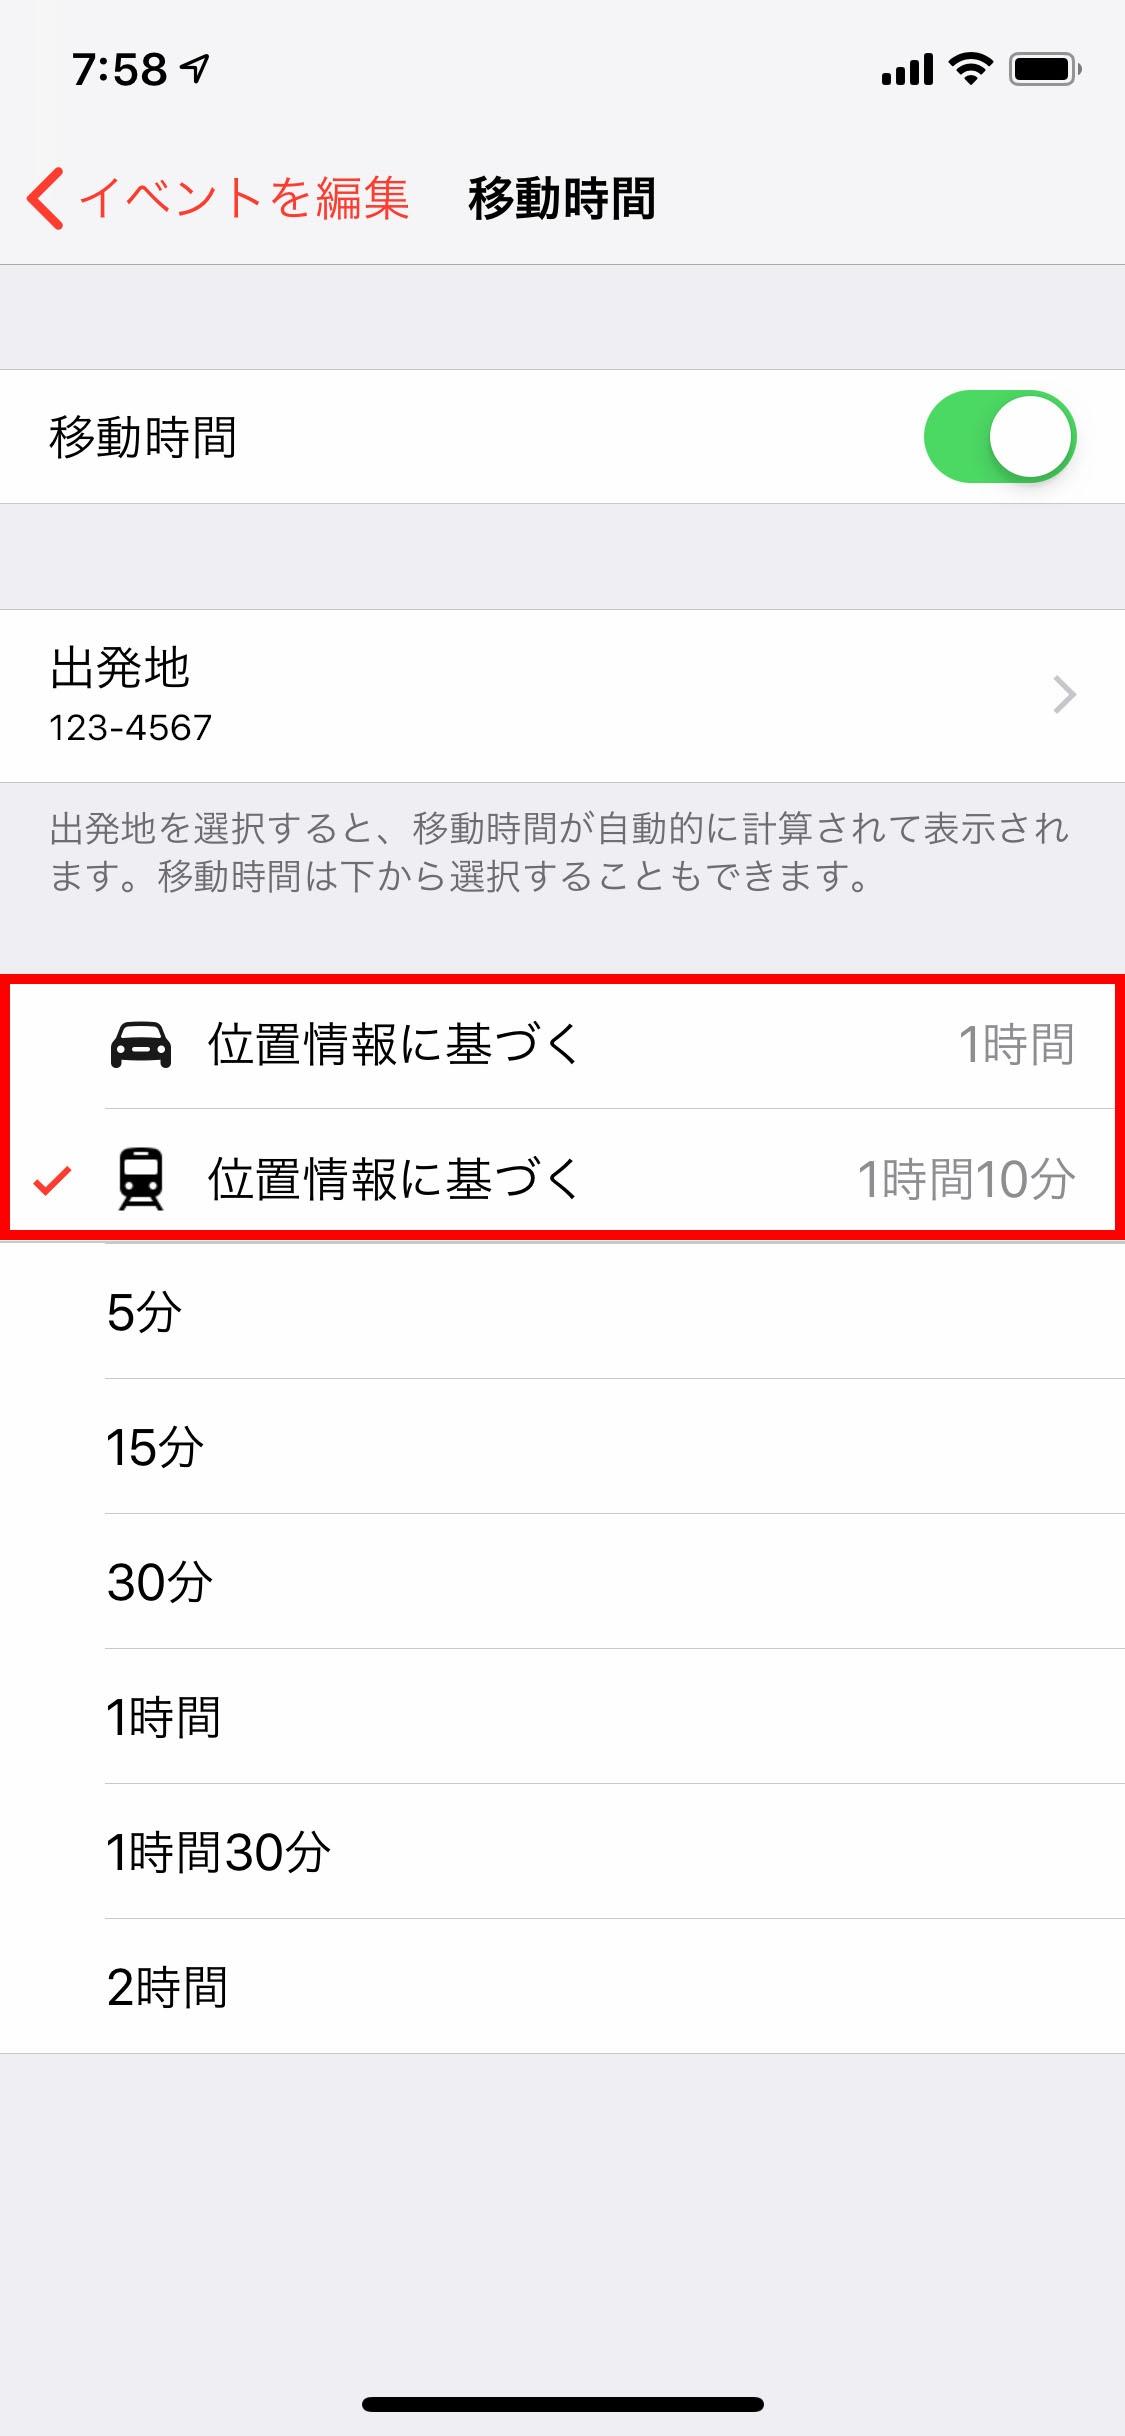 場所を登録したイベントの通知画面で「出発地」を設定すると、そこからイベントの場所までの車や交通機関などでの移動時間が提案される(赤枠は筆者が付けた)